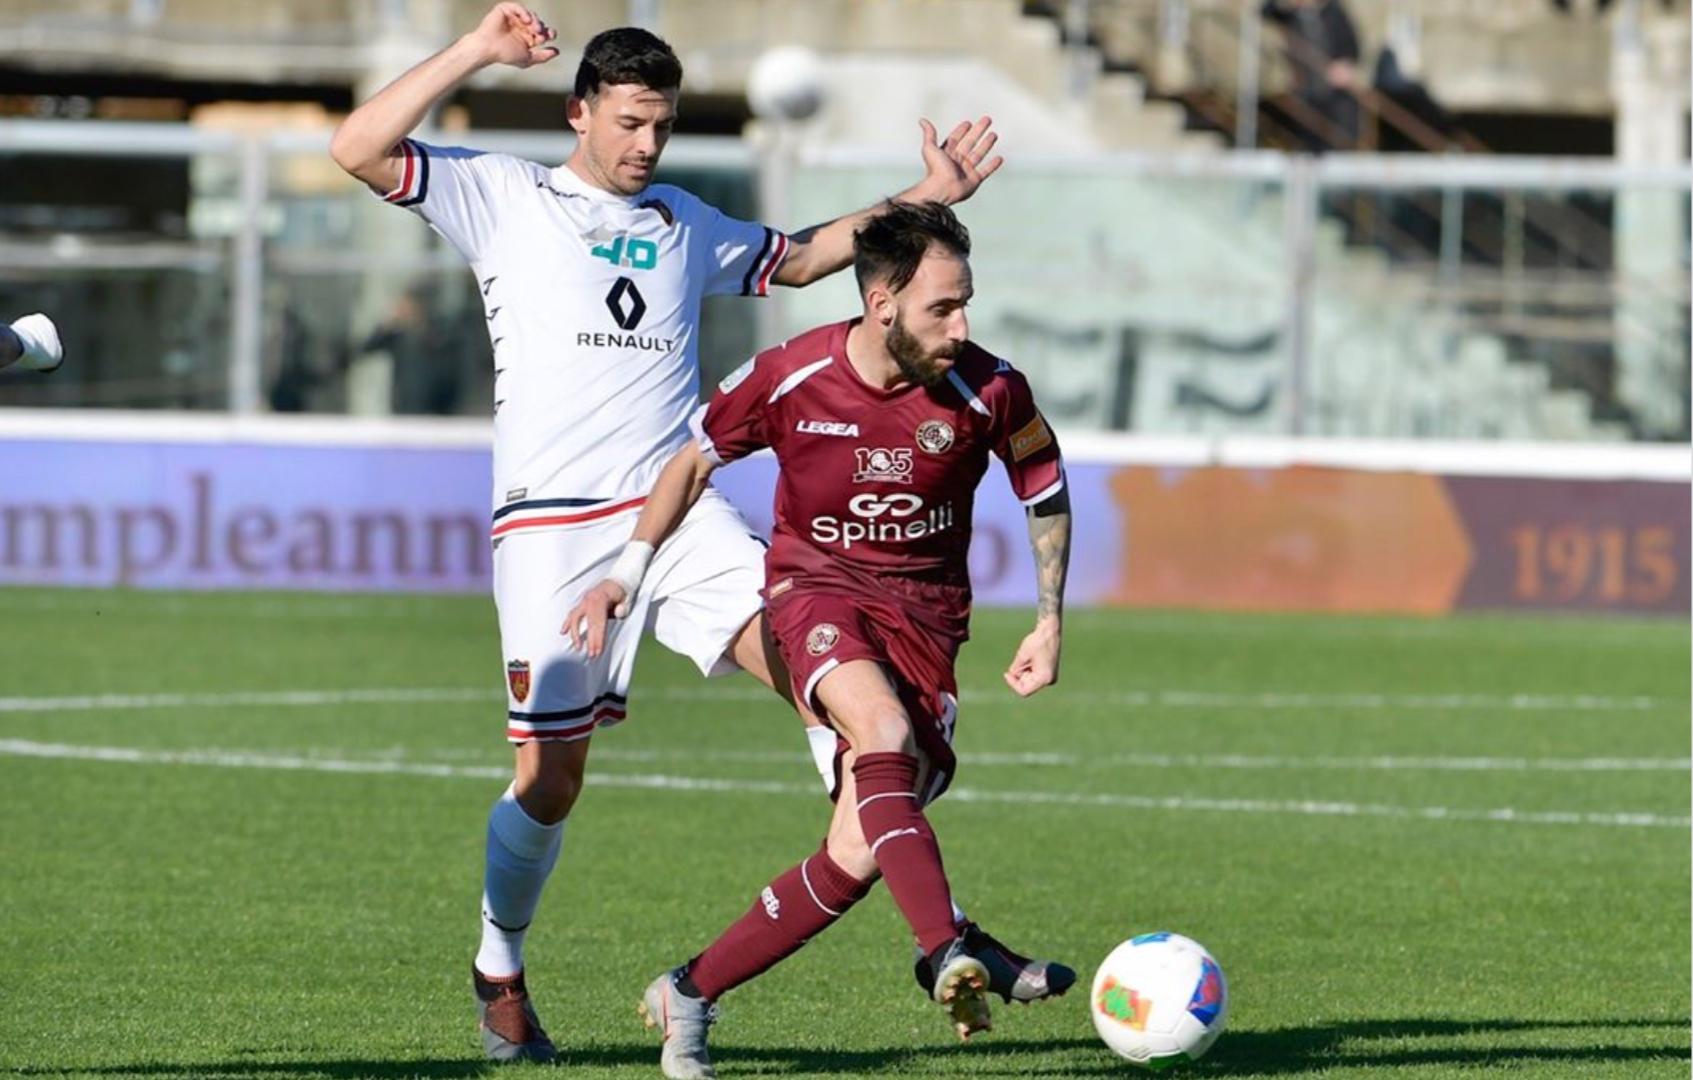 Livorno - Cosenza